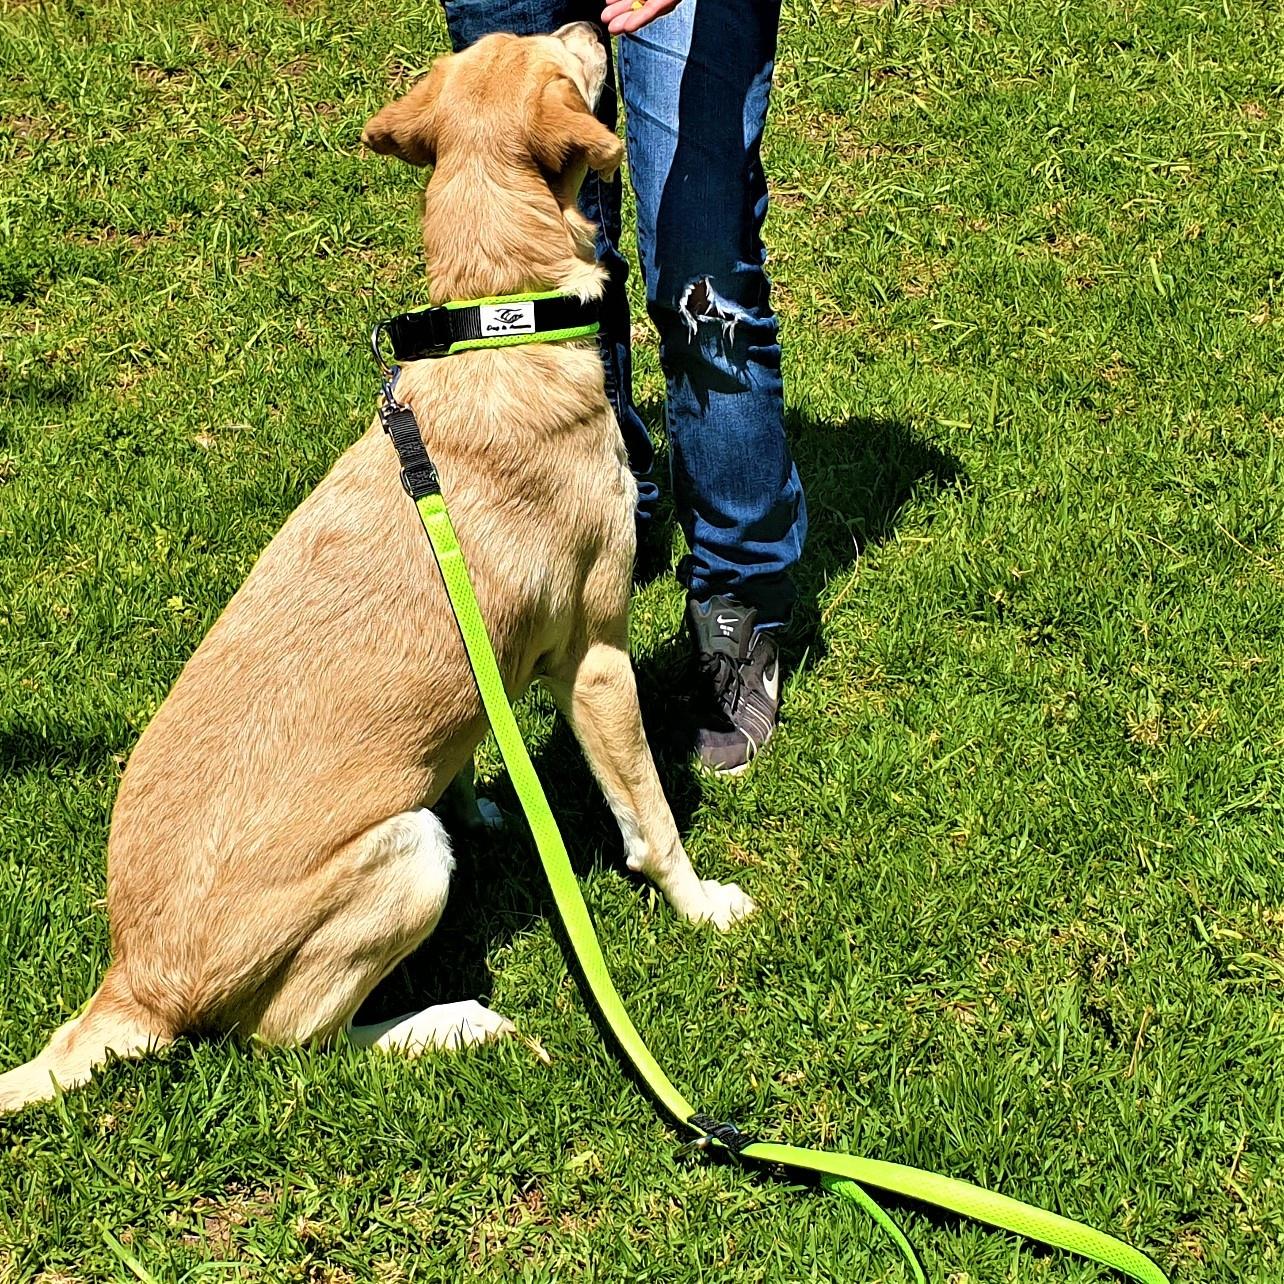 Hundehalsband Dog leash Halsband Leine f/ür starke Hunde griffige Leinen 1,20 m l/änge Hundeleinen mehrfarbig Hundeleine Pitbull Hundeleine geflochten Hundeleine American Bully Hundeleine im Set mit Halsband